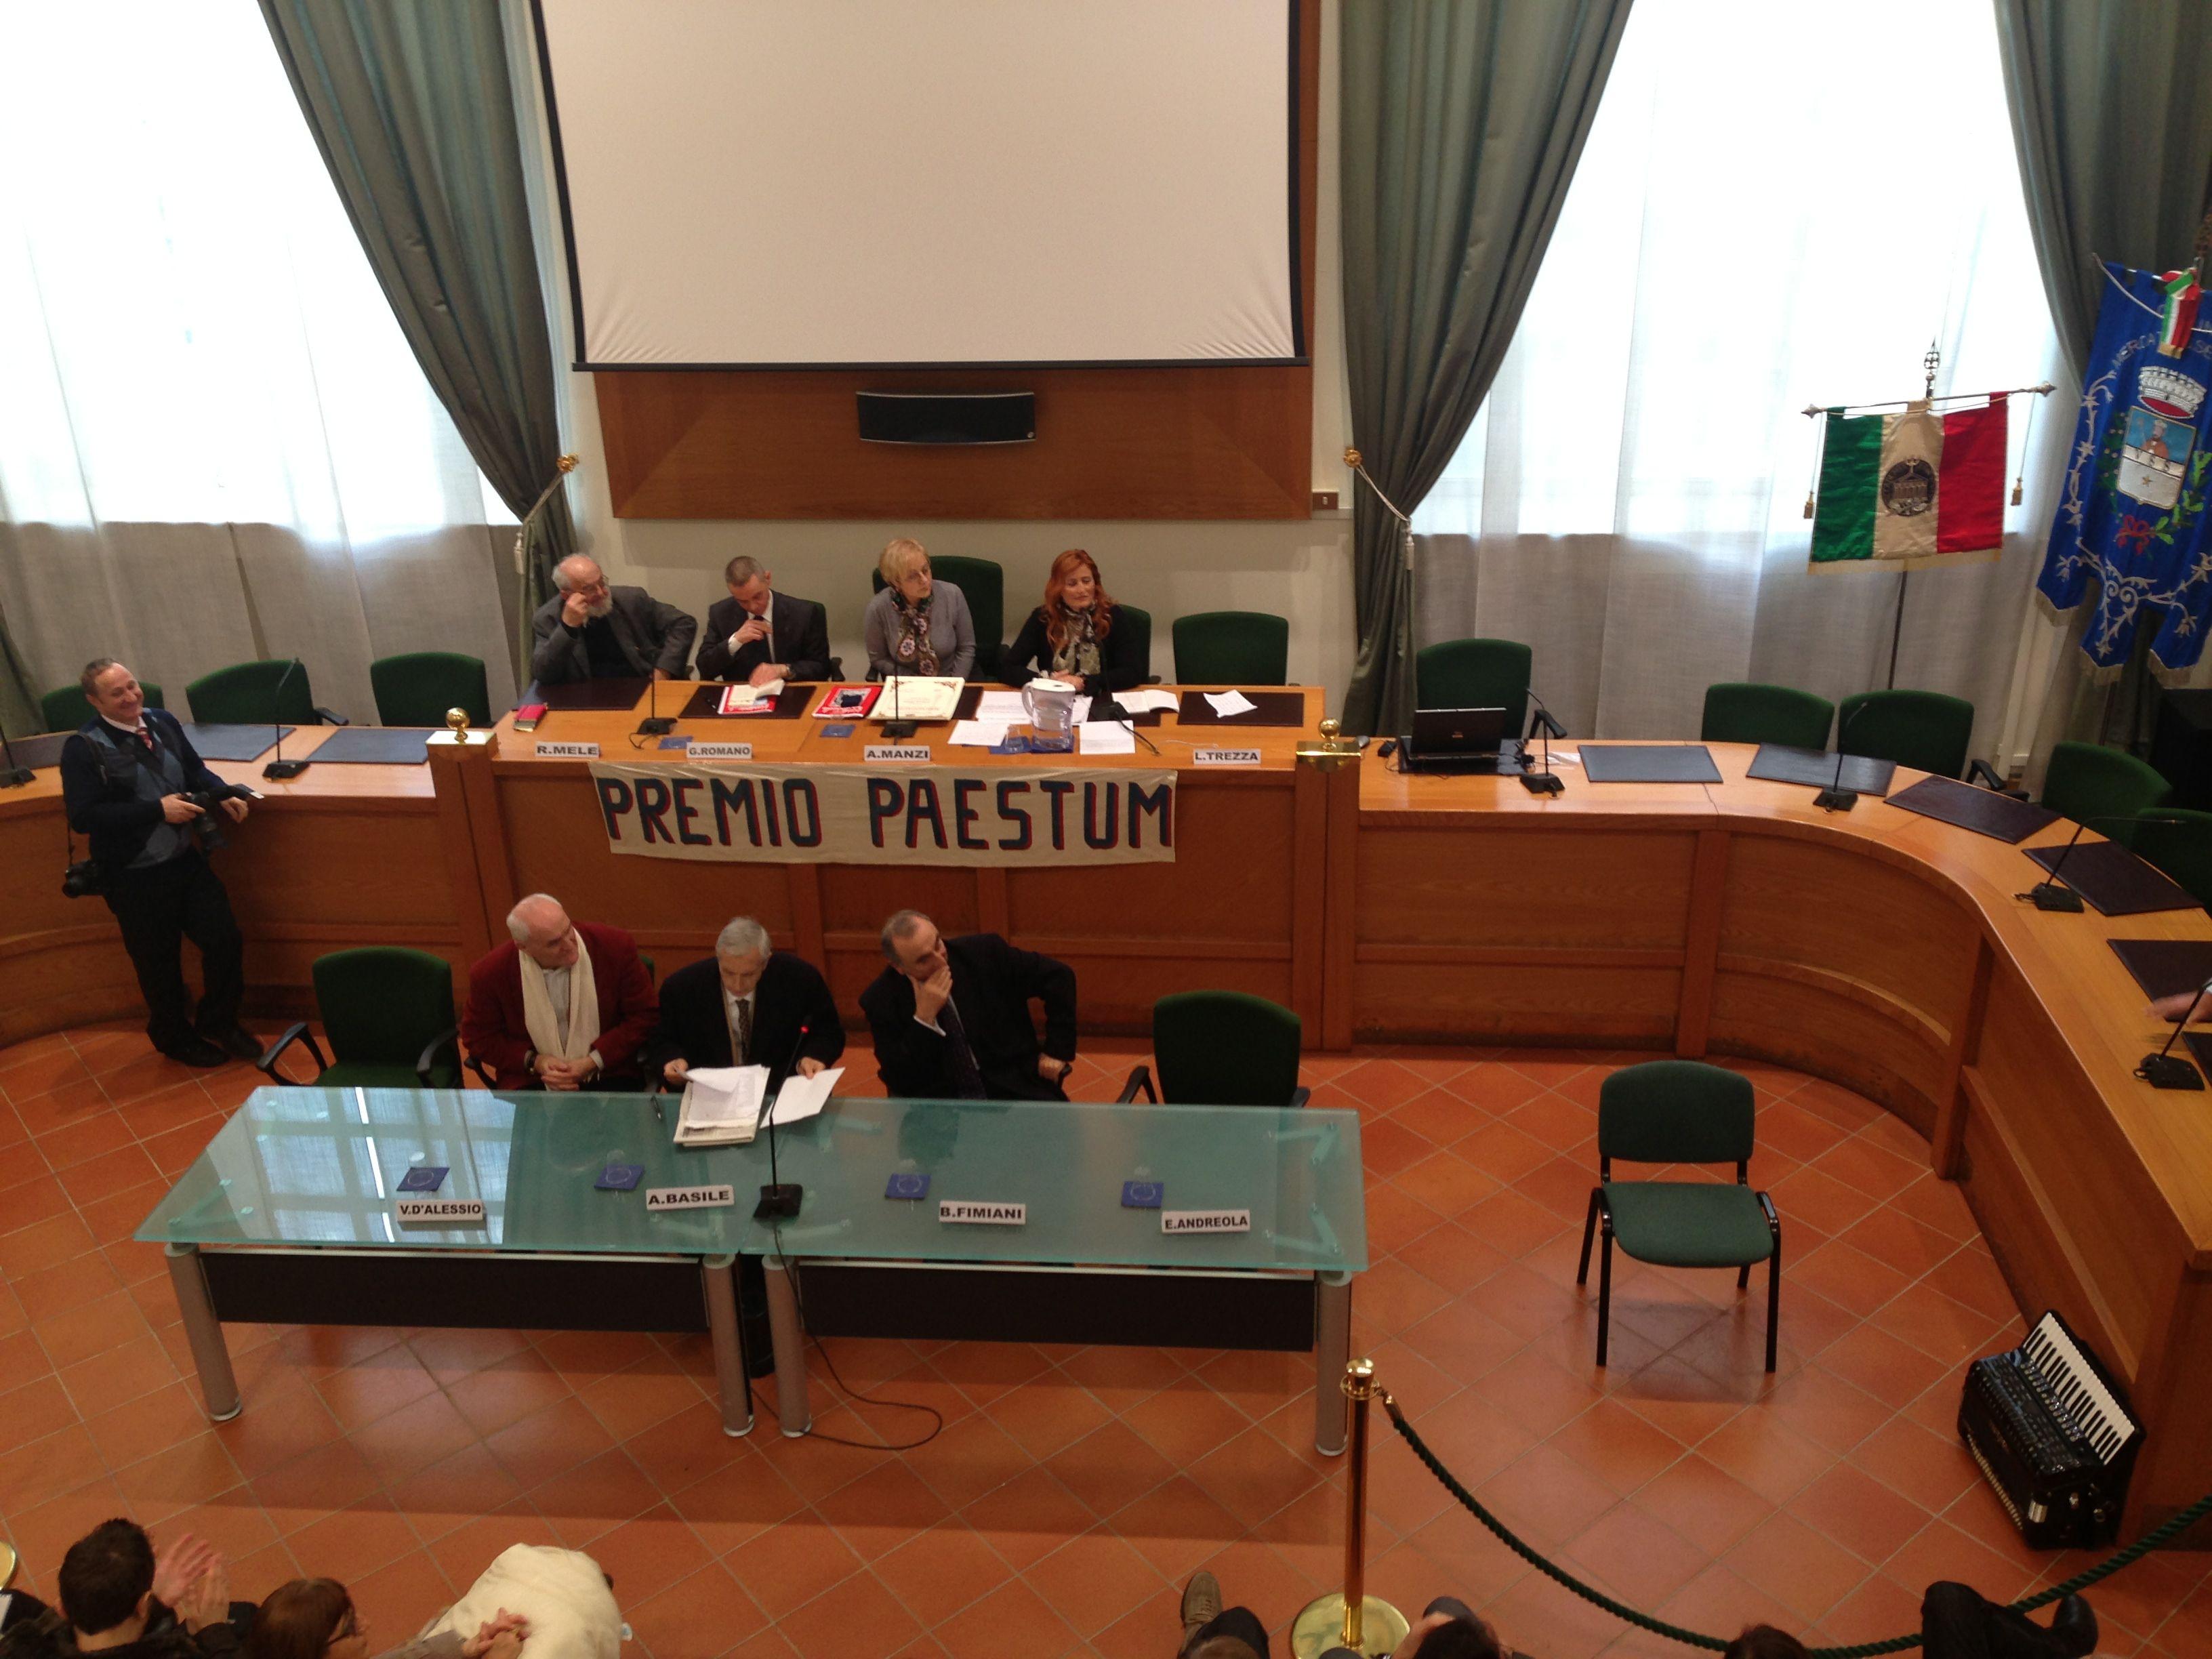 Il Premio Paestum ricorda il suo presidente Carmine Manzi